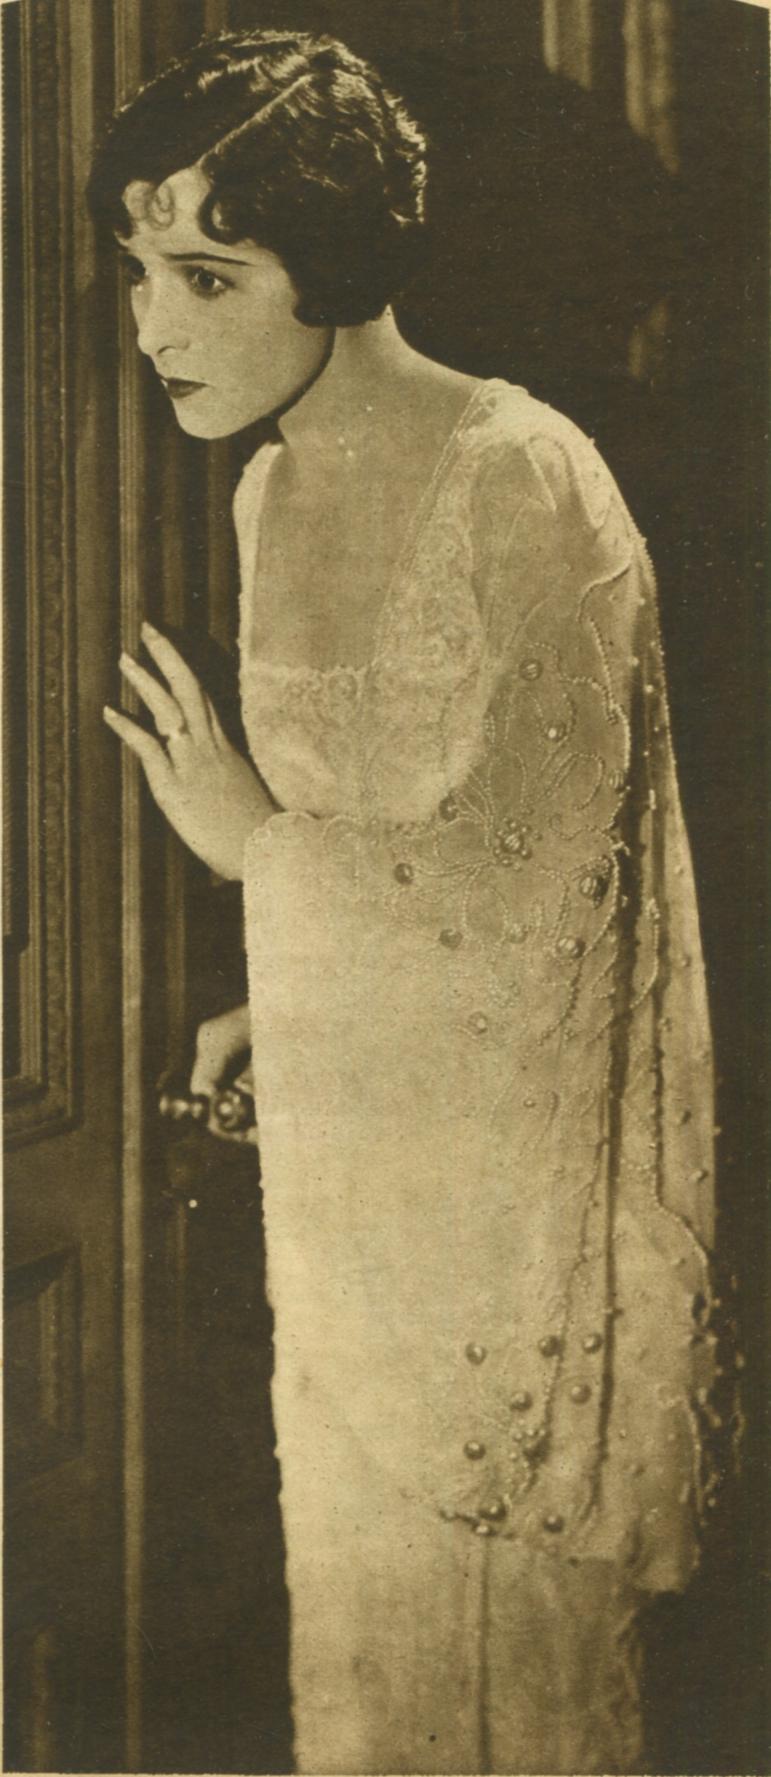 Florence Vidor in Honeymoon Hate (1927)